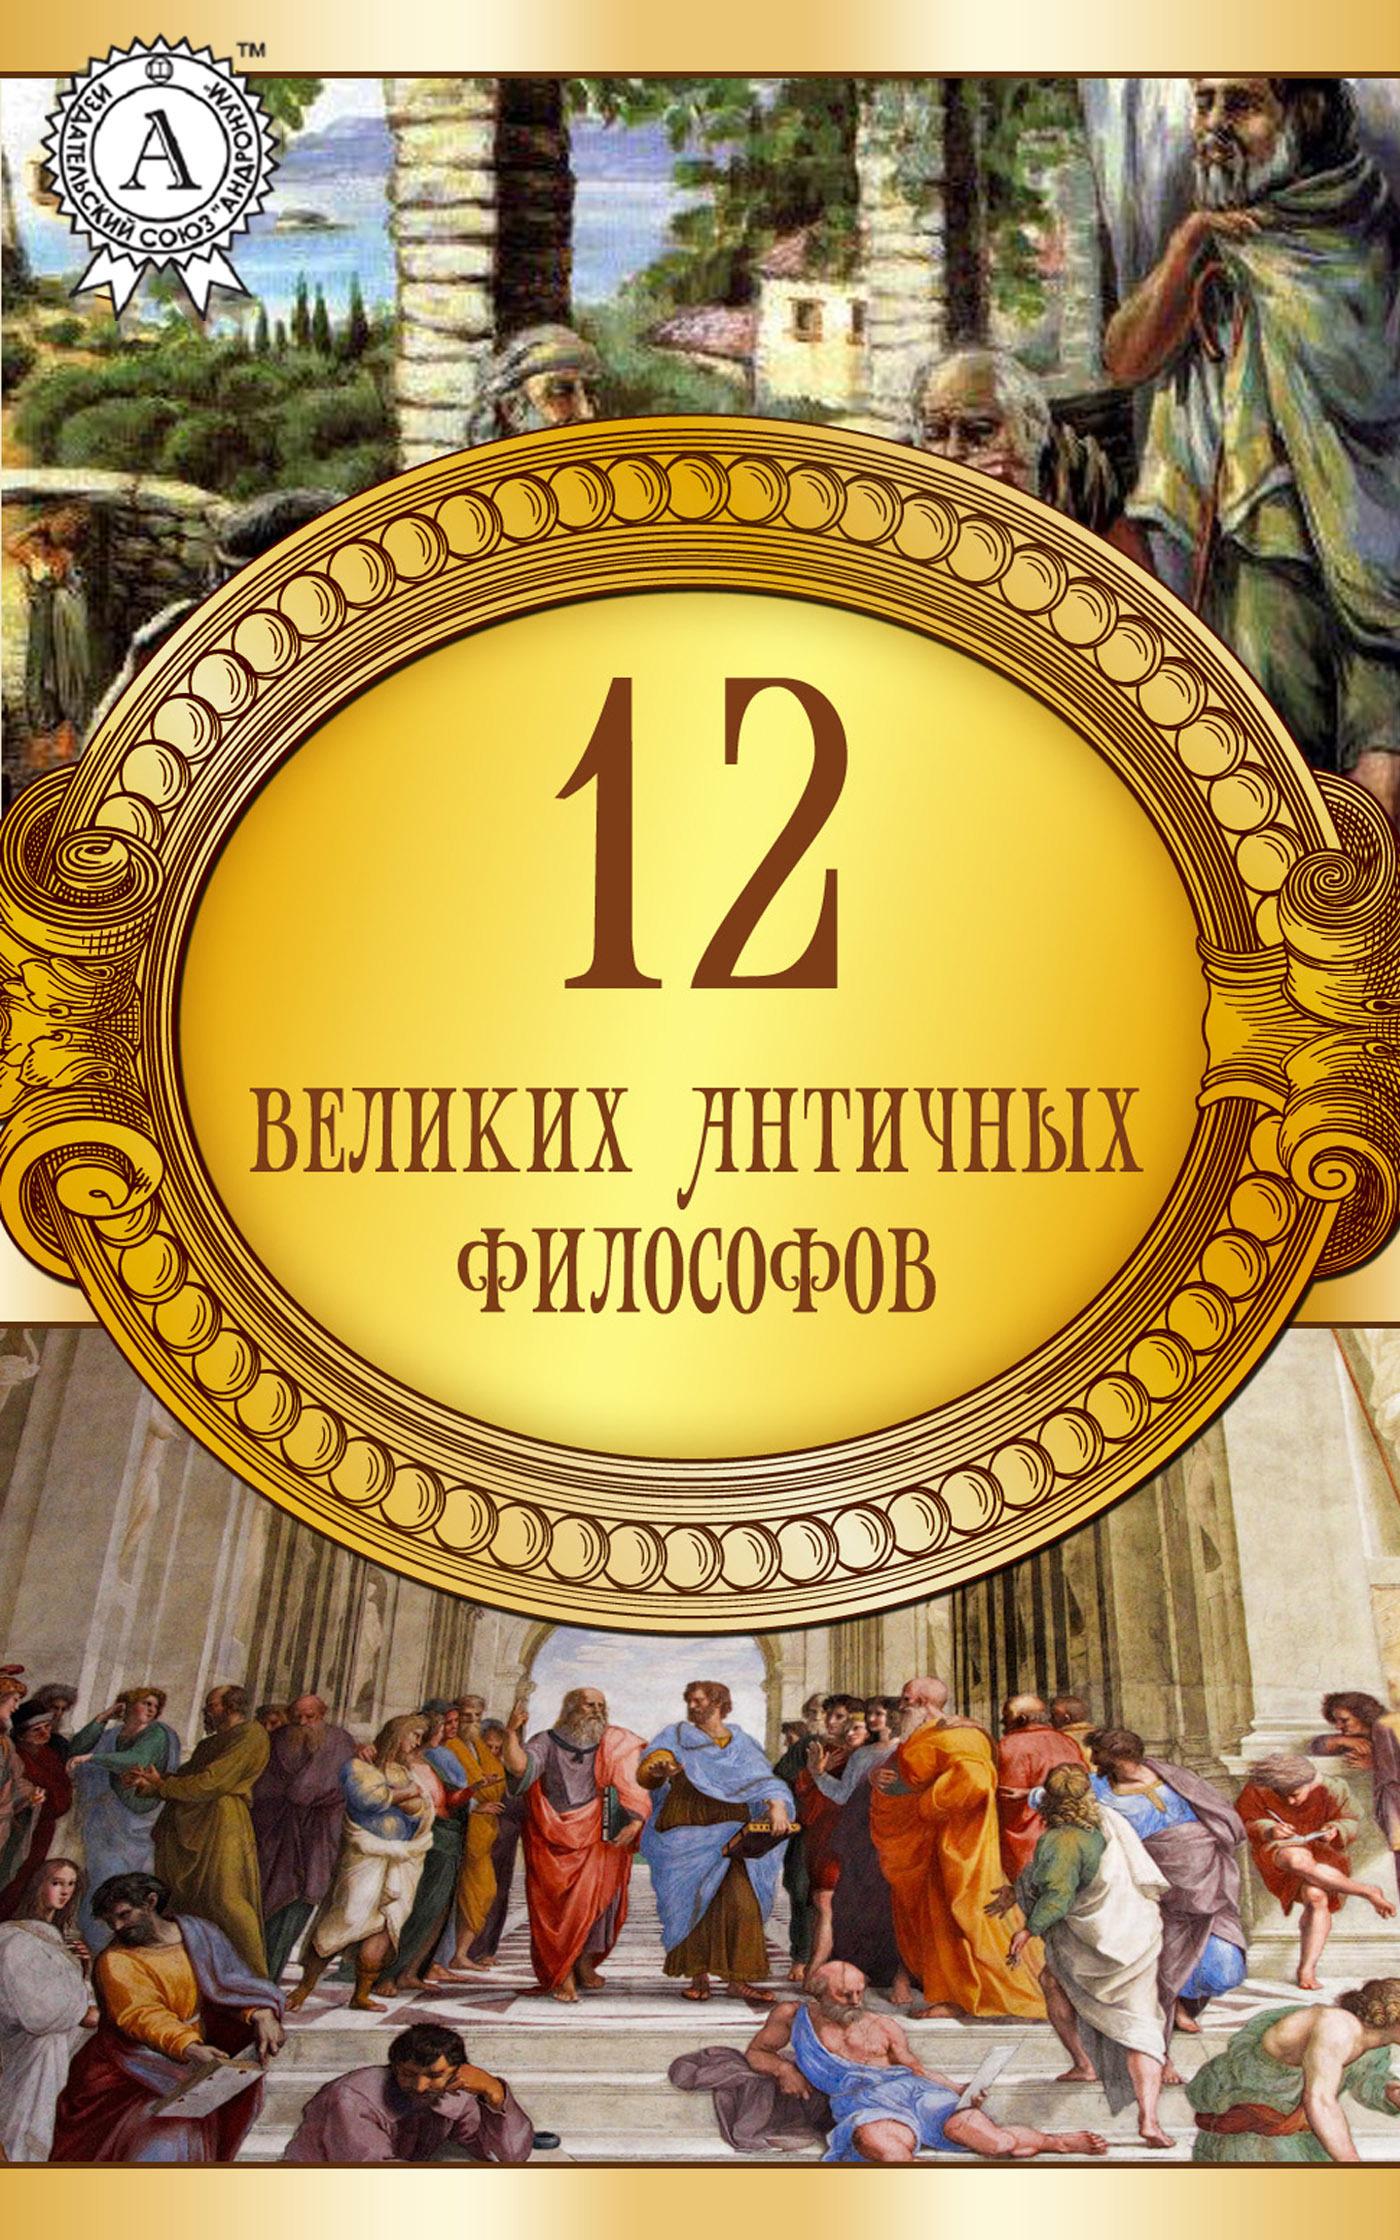 Коллектив авторов «12 великих античных философов»